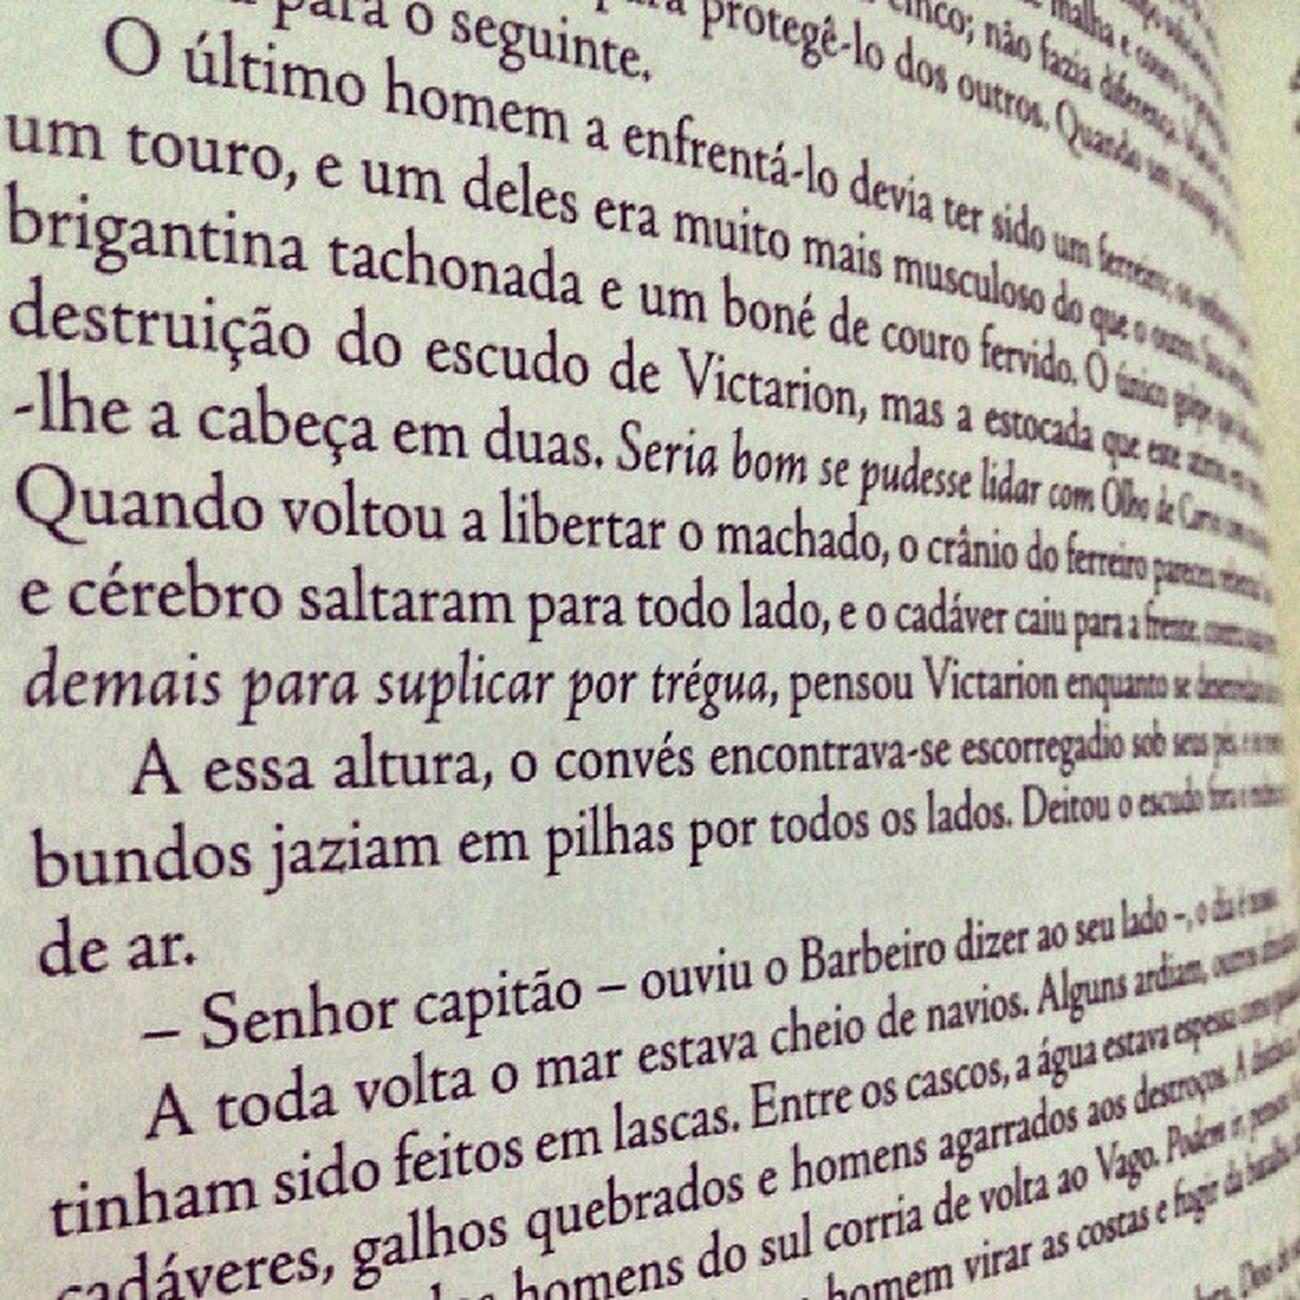 Leitura básica antes de dormir. Got Asoief OFestimDosCorvos Victarion Greyjoy